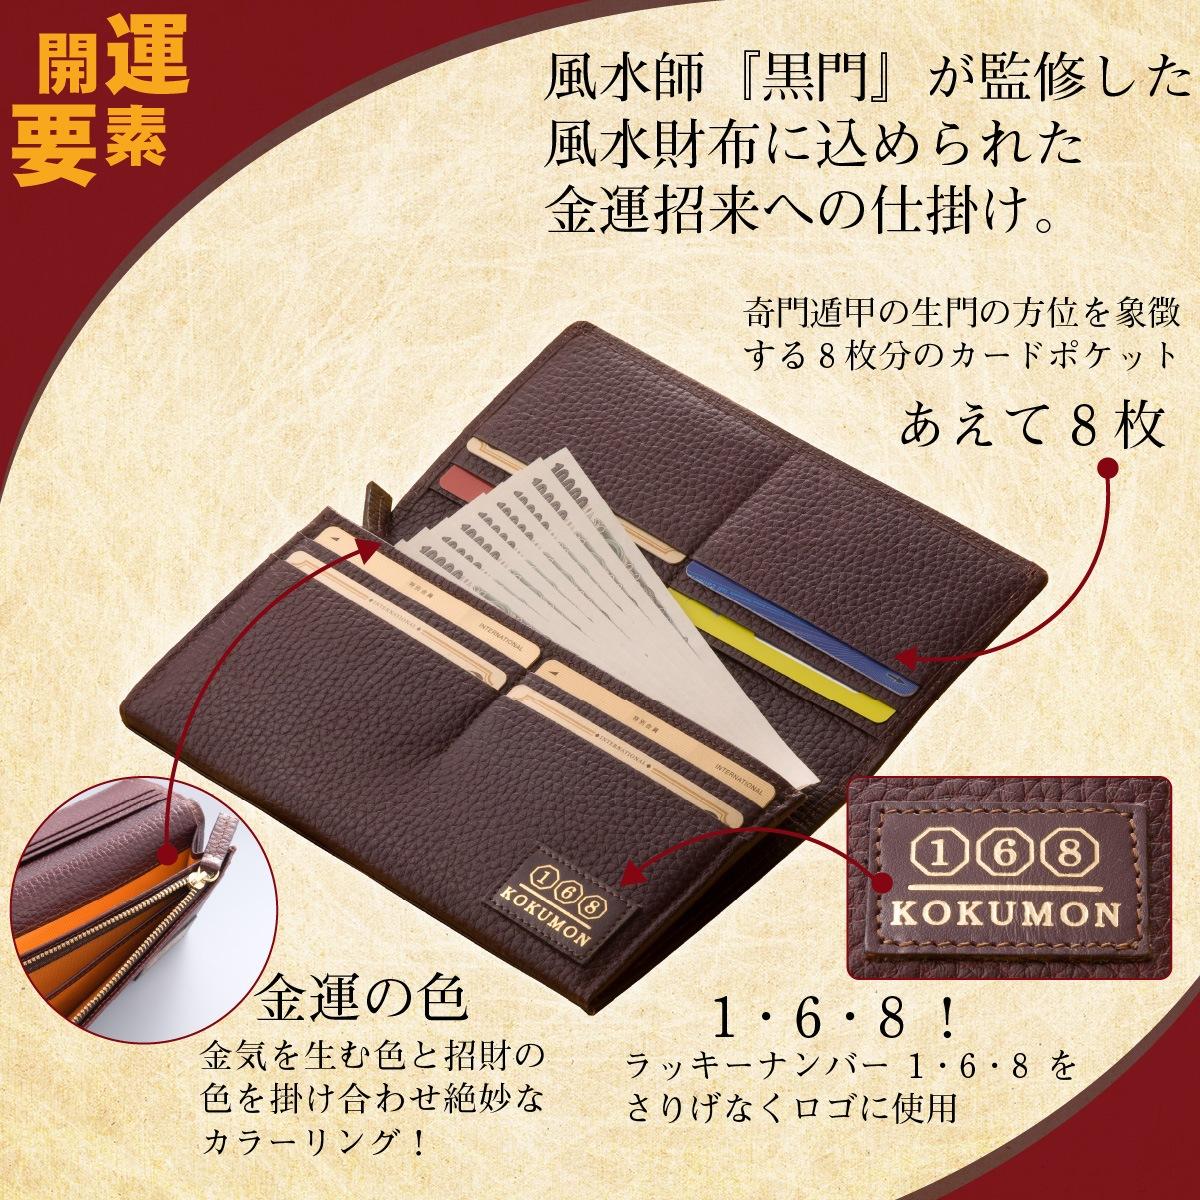 黒門風水式  『幸せの風水財布/ブラウン』 ≫金運を中心に全体運が欲しい